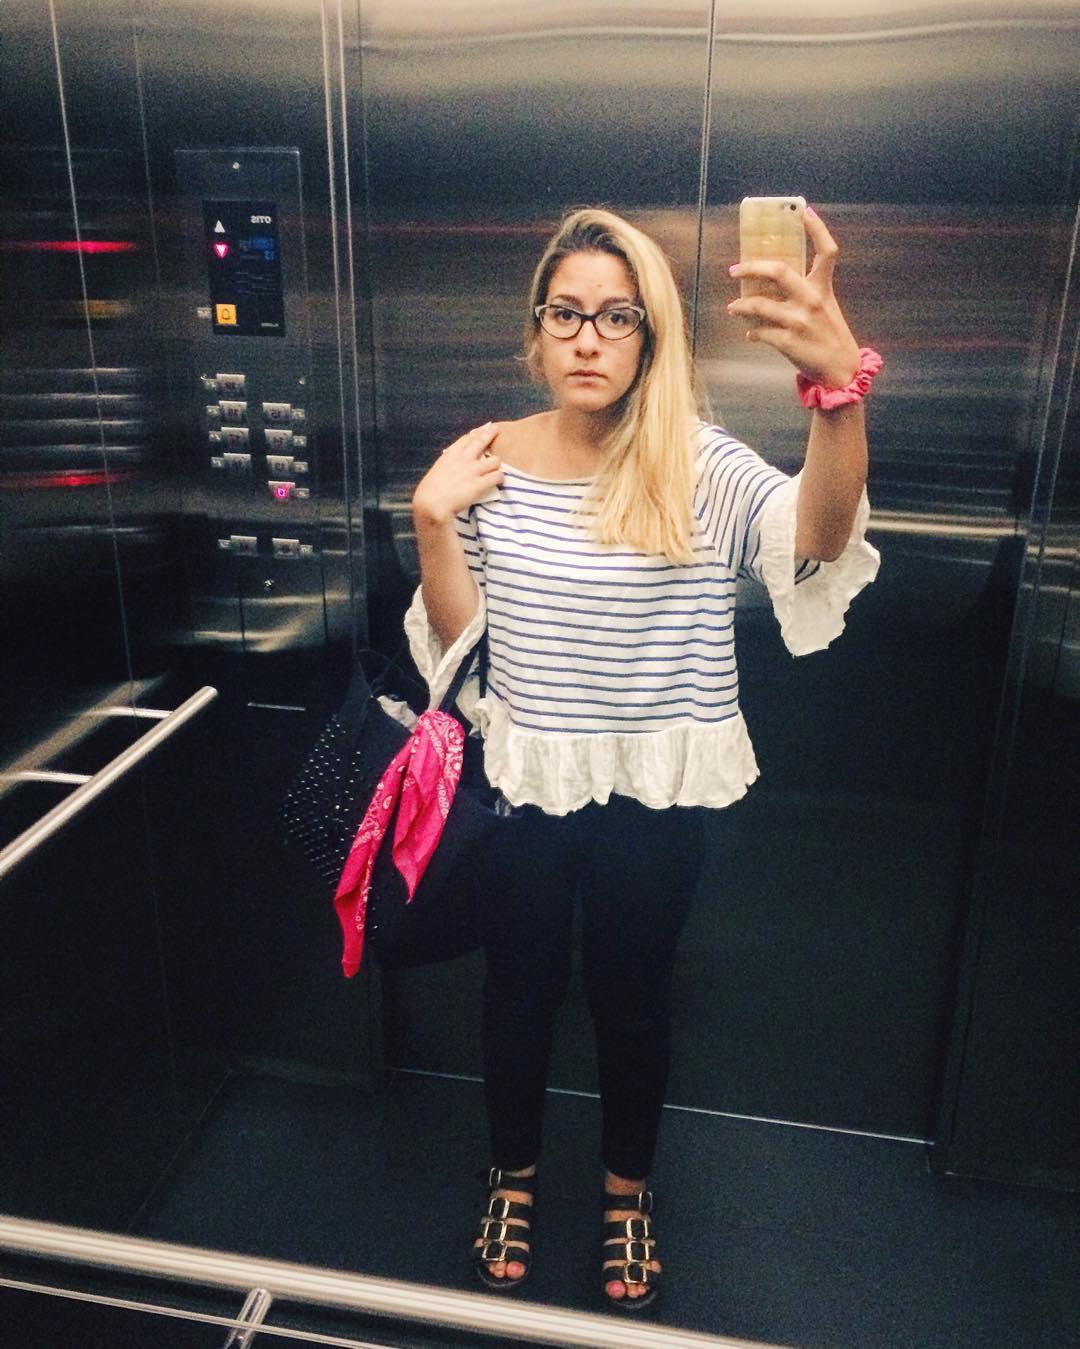 Juro que muero de verguenza si algun dia se abre la puerta y me ven sacandome una selfie en el ascensor